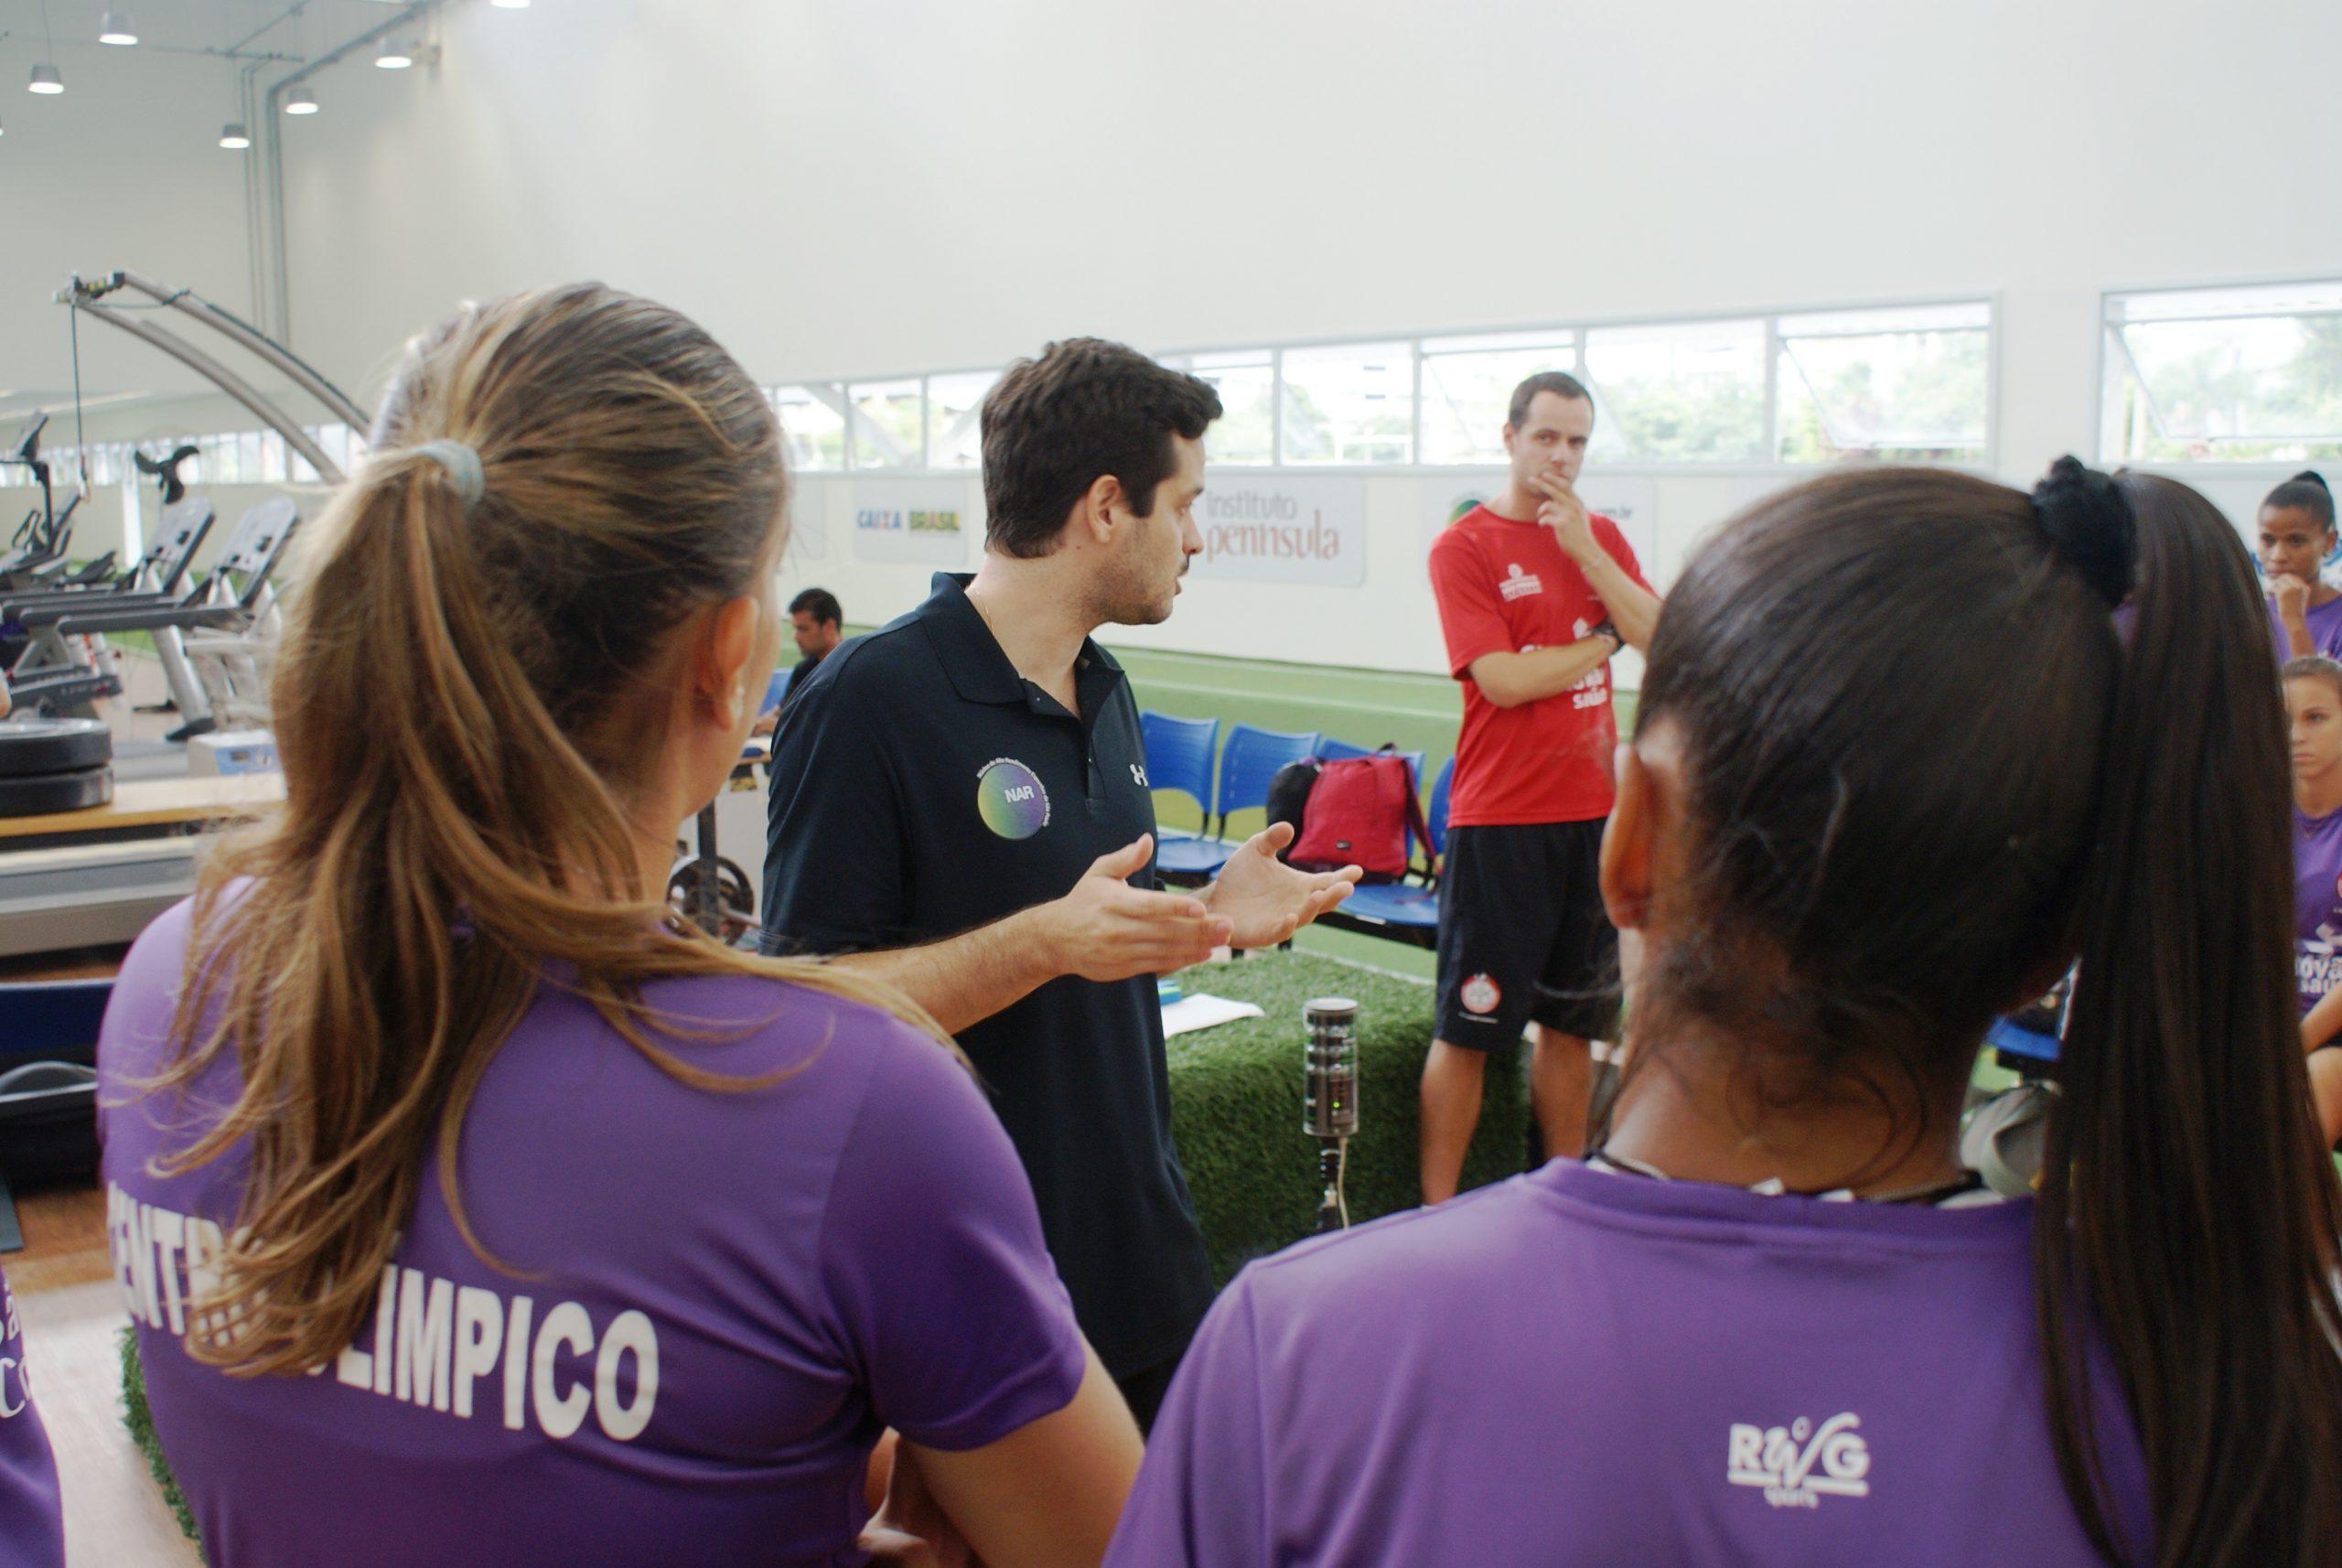 Equipe de futebol feminino do Grêmio Oscar-Audax passa por avaliações no NAR